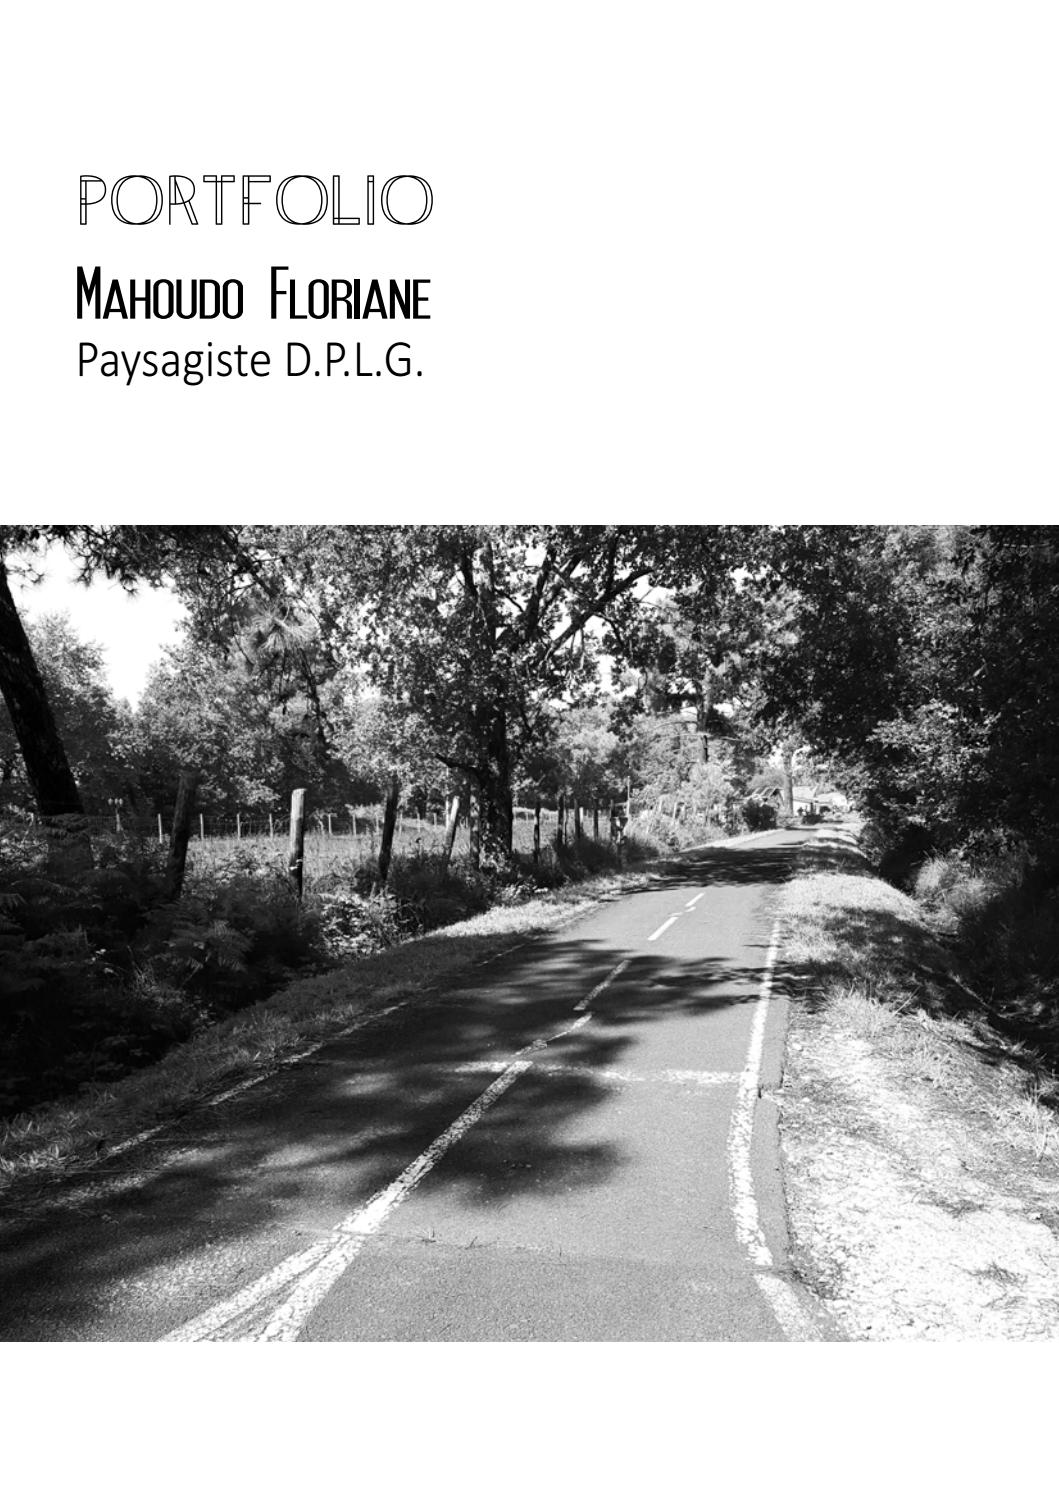 portfolio mahoudo floriane paysagiste dplg by flomahoudo